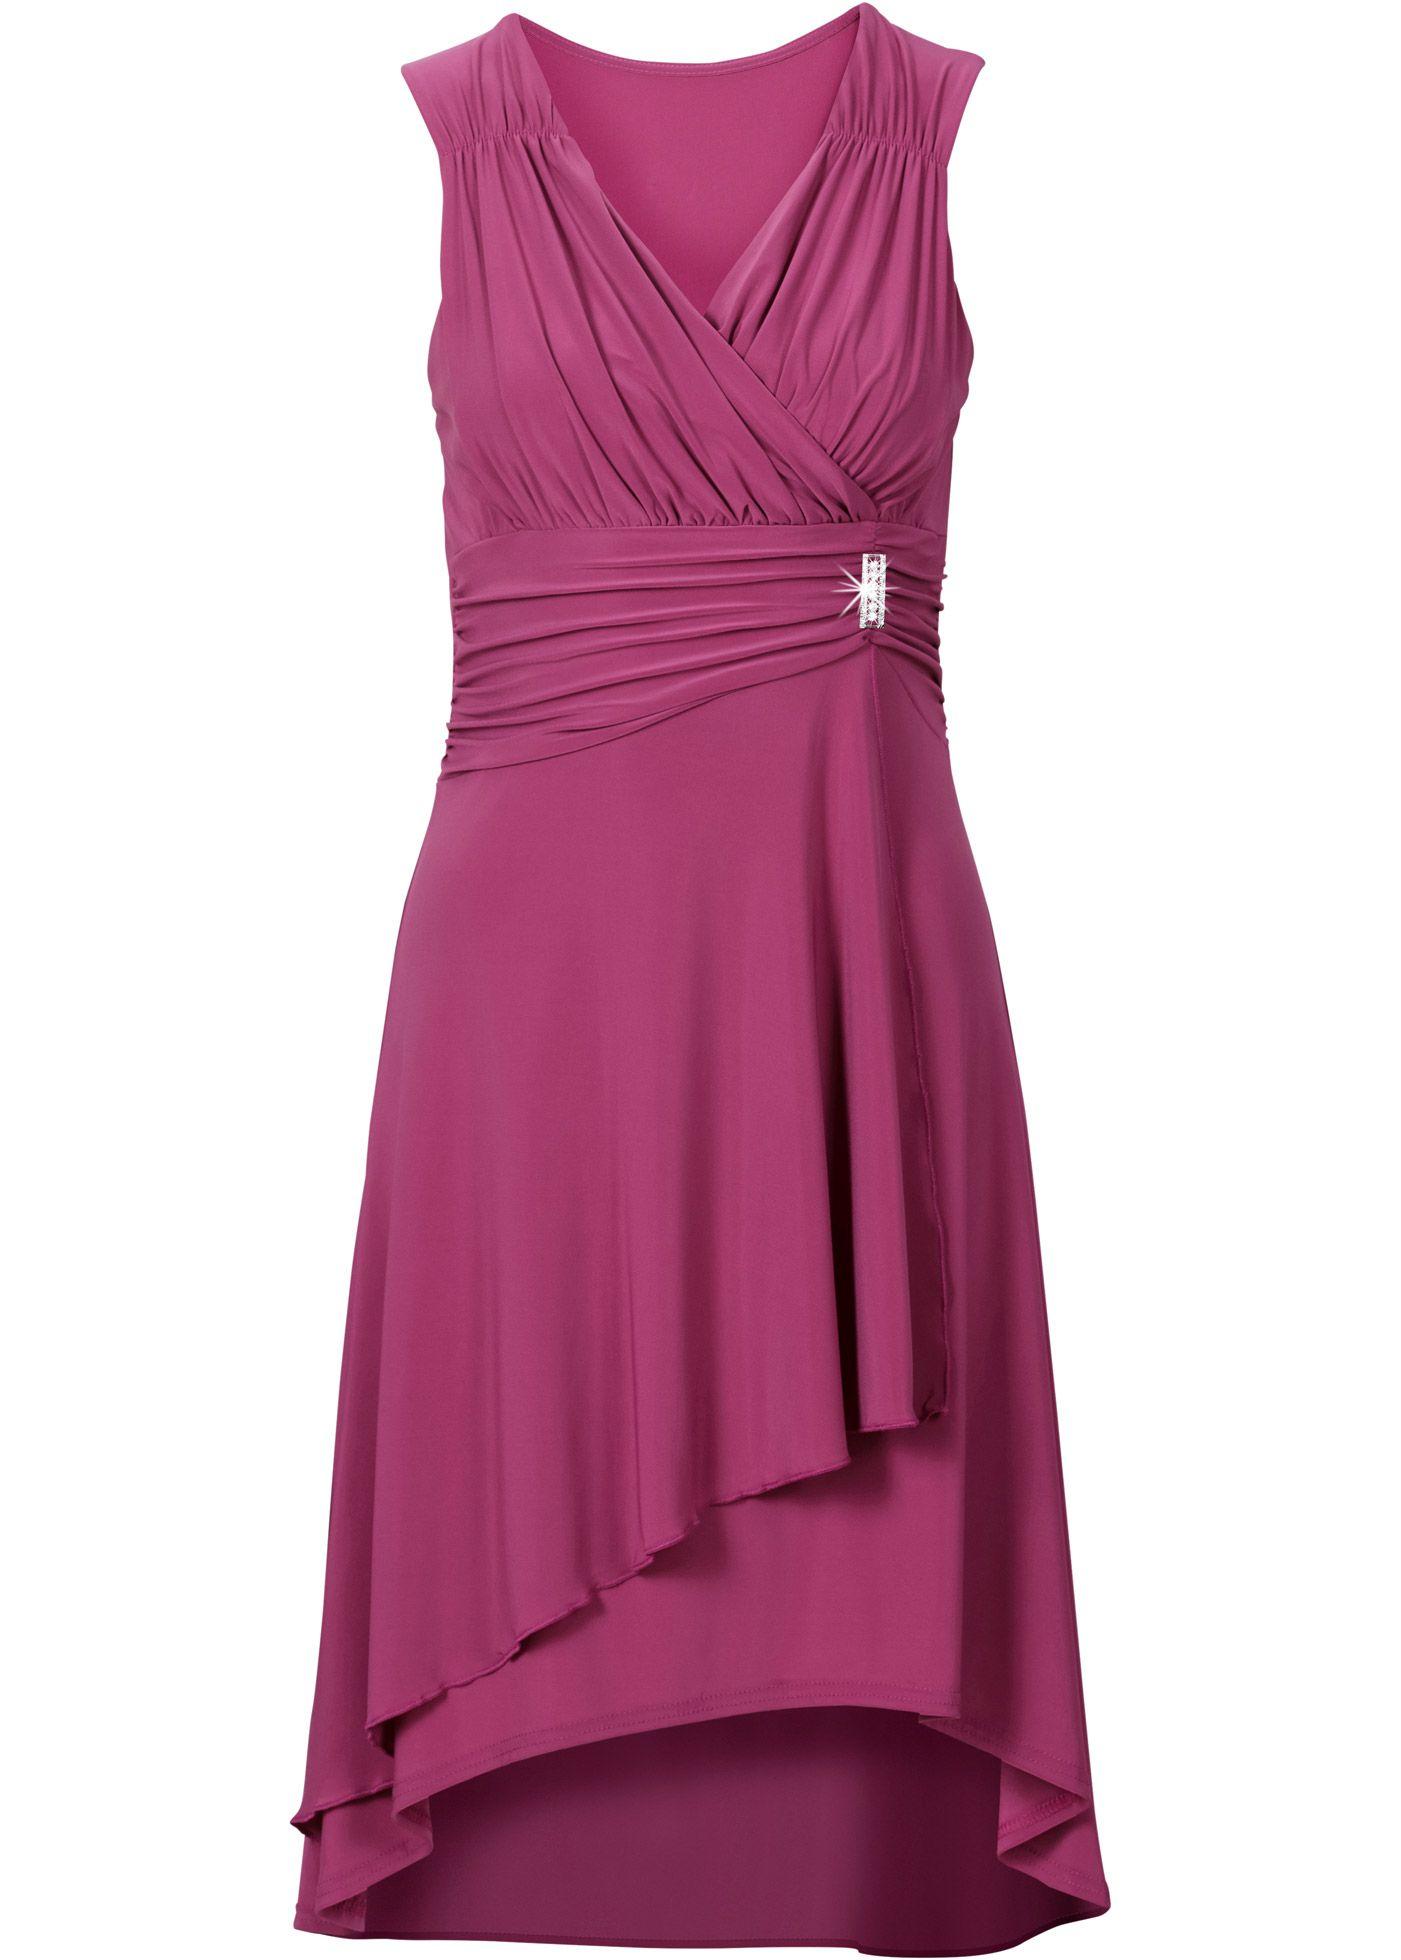 0de8e00ad6e252 Jurk magenta - BODYFLIRT nu in de onlineshop van bonprix.nl vanaf   36.99  bestellen. Prachtige jurk met wikkellook bij de V-hals en fijne plooitjes